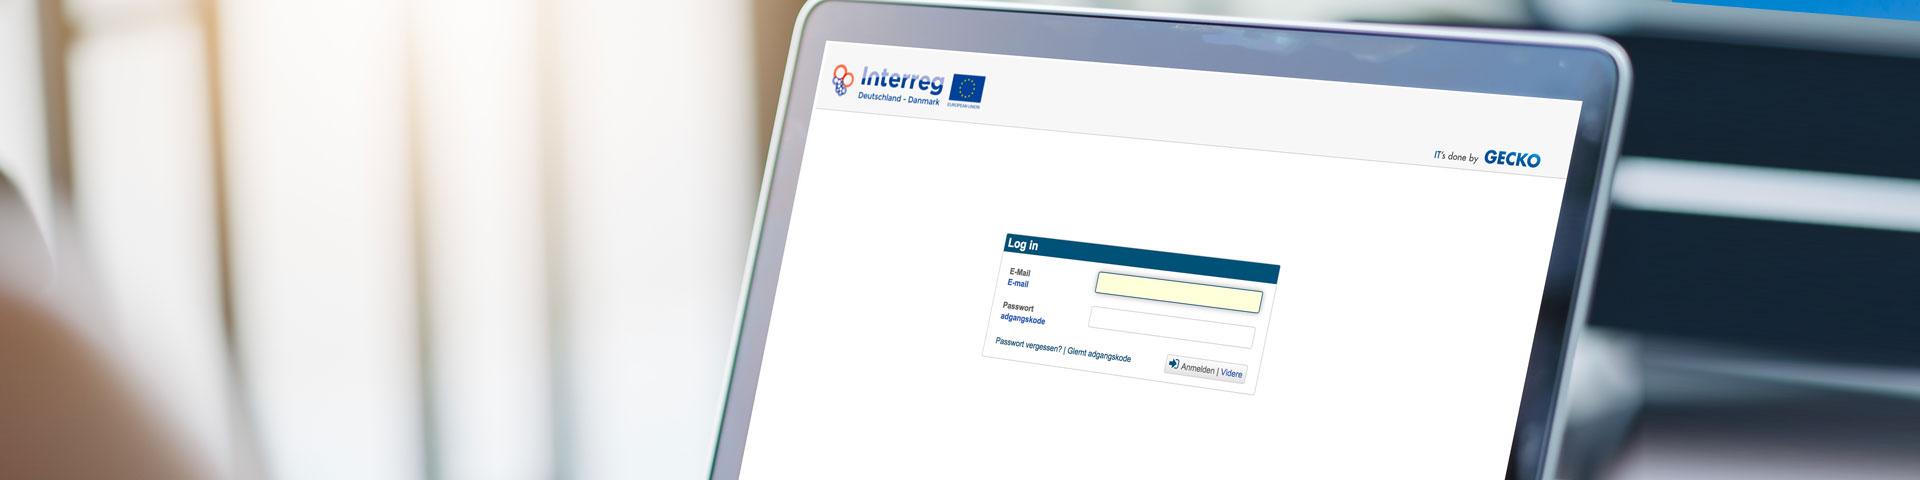 ELMOS - Titelbild zeigt einen Monitor auf dem eine Log-In Seite von Interreg geöffnet ist